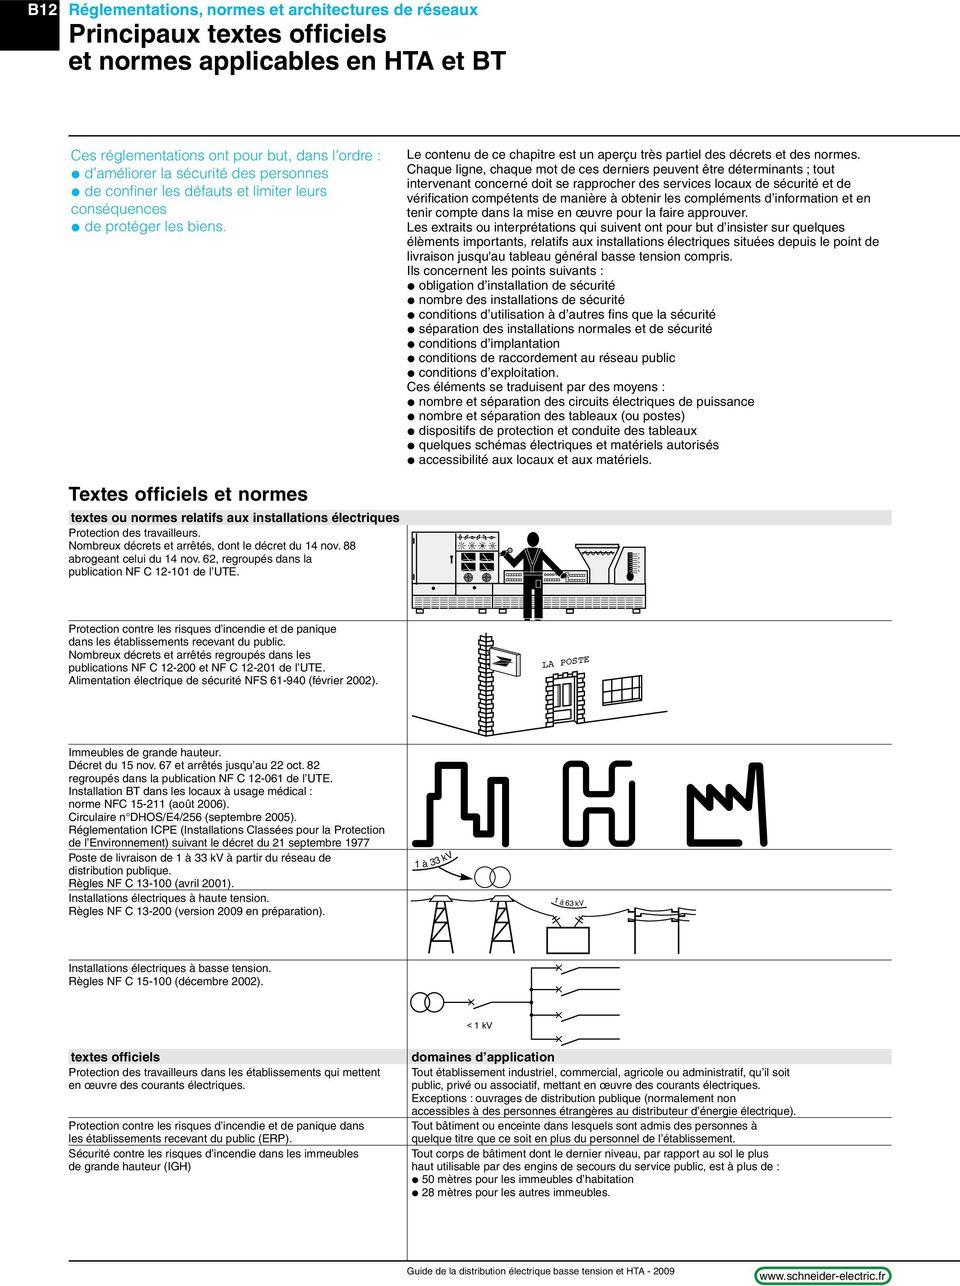 Norme electrique établissements recevant du public